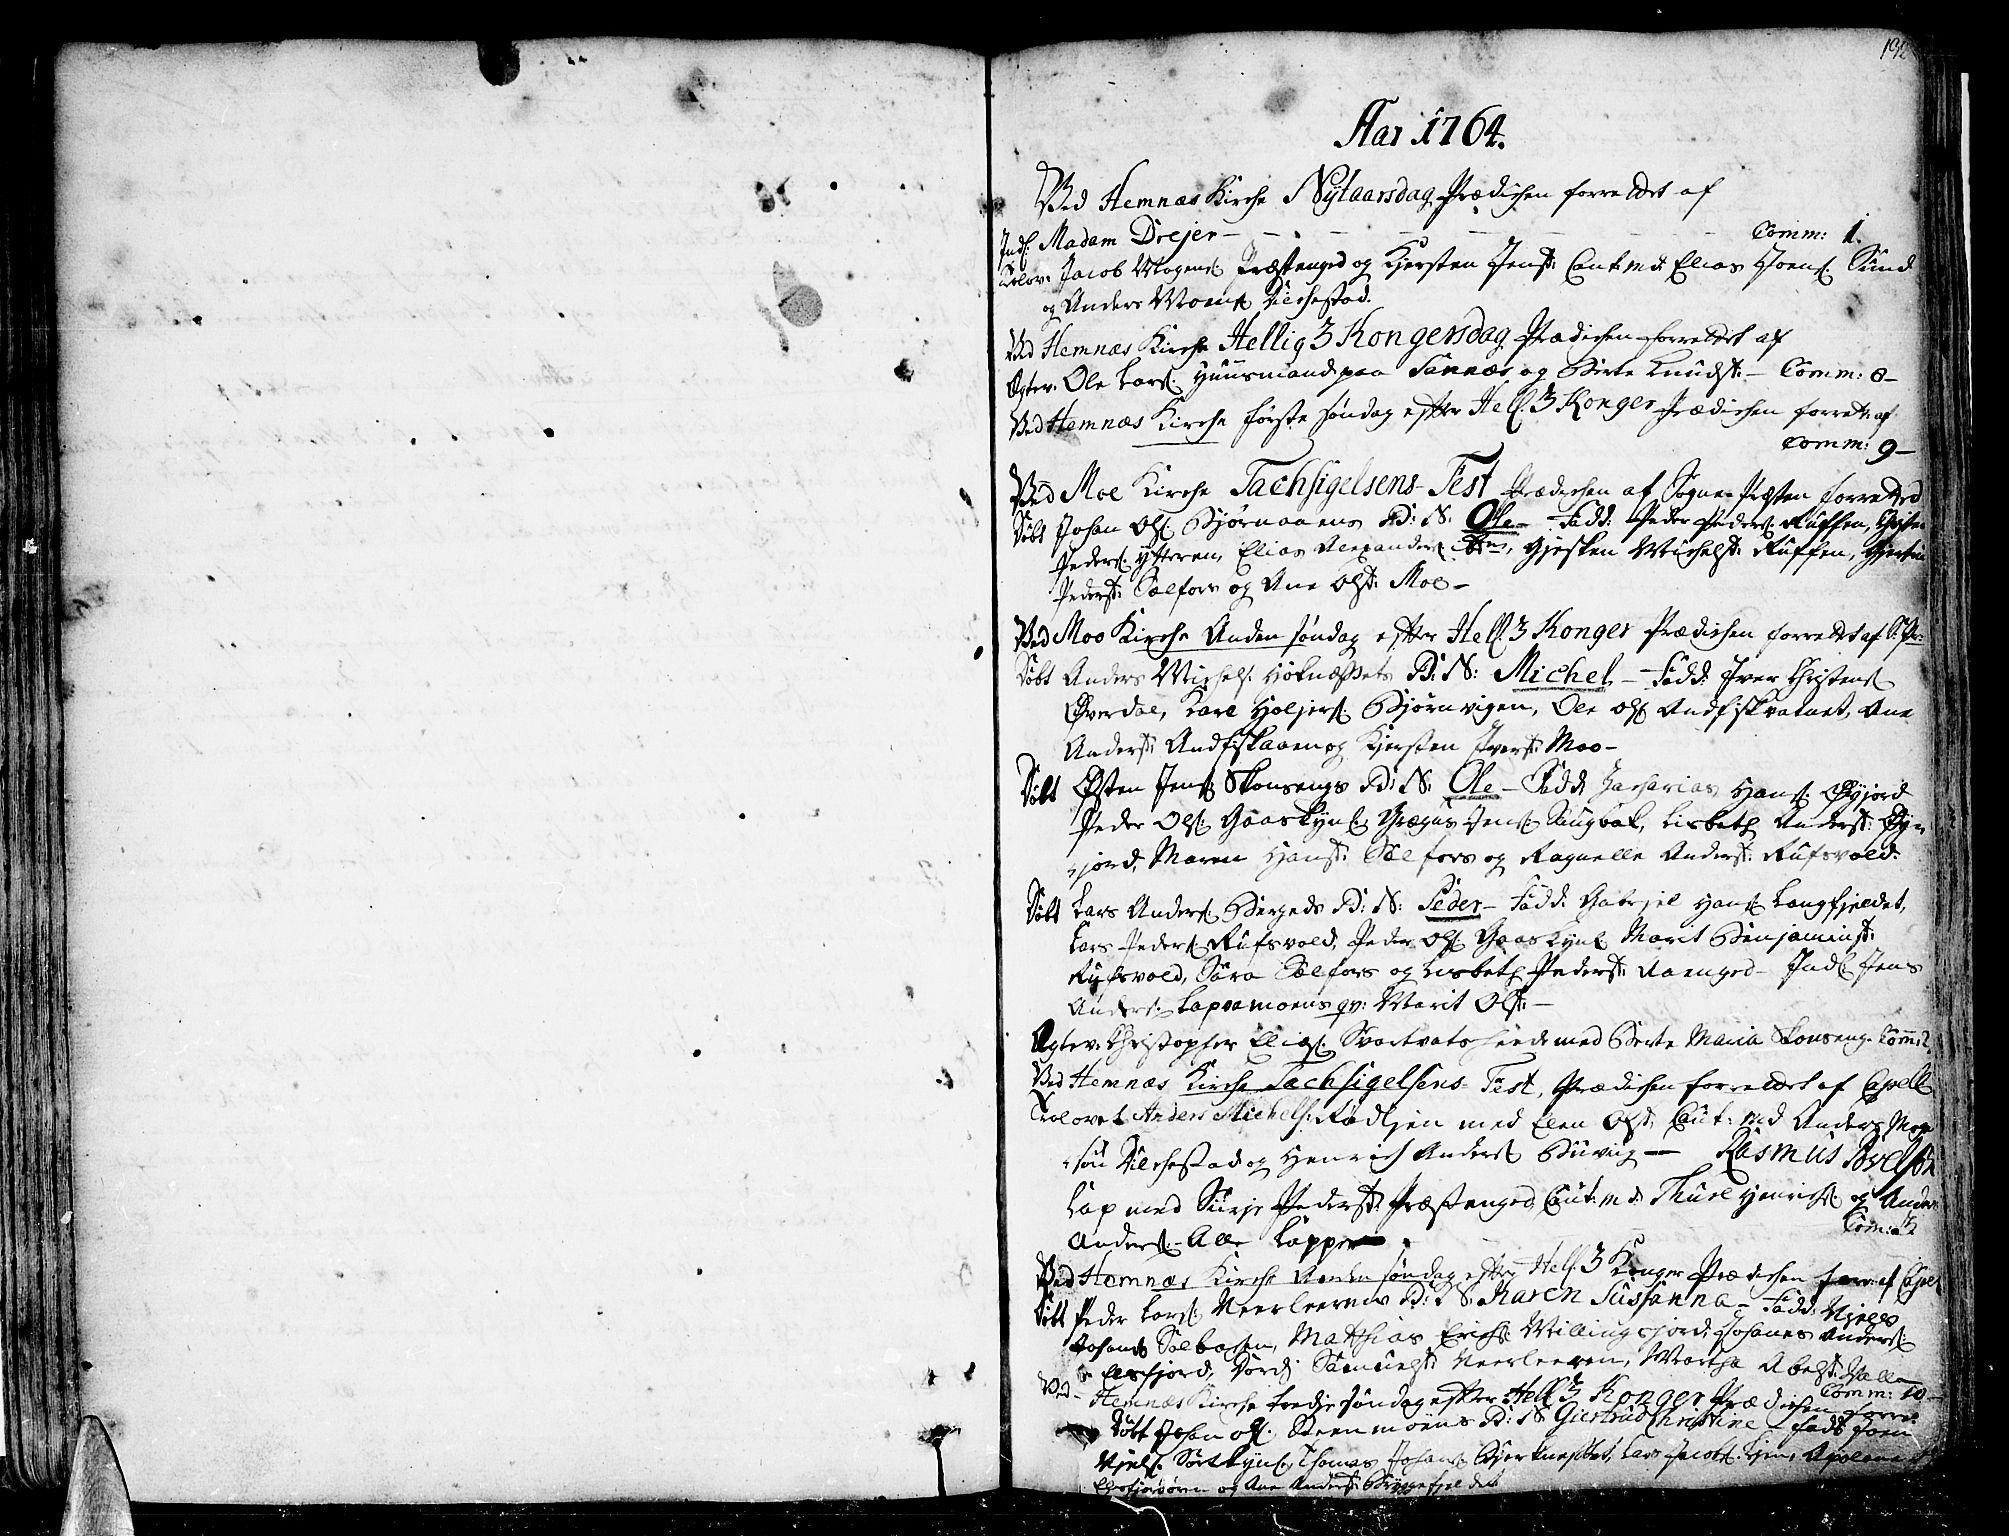 SAT, Ministerialprotokoller, klokkerbøker og fødselsregistre - Nordland, 825/L0348: Parish register (official) no. 825A04, 1752-1788, p. 132